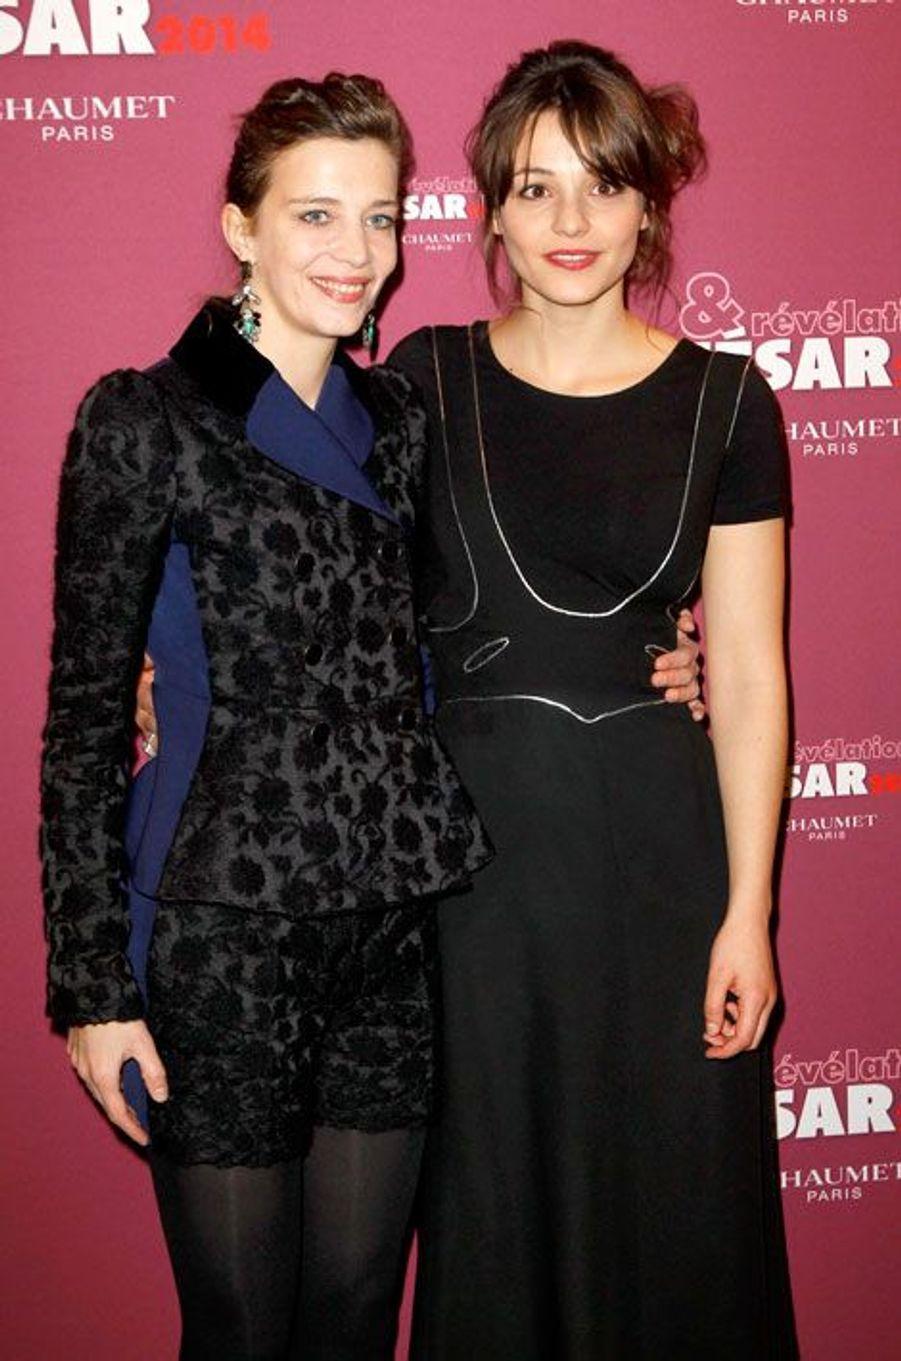 Céline Sallette et Pauline Parigot